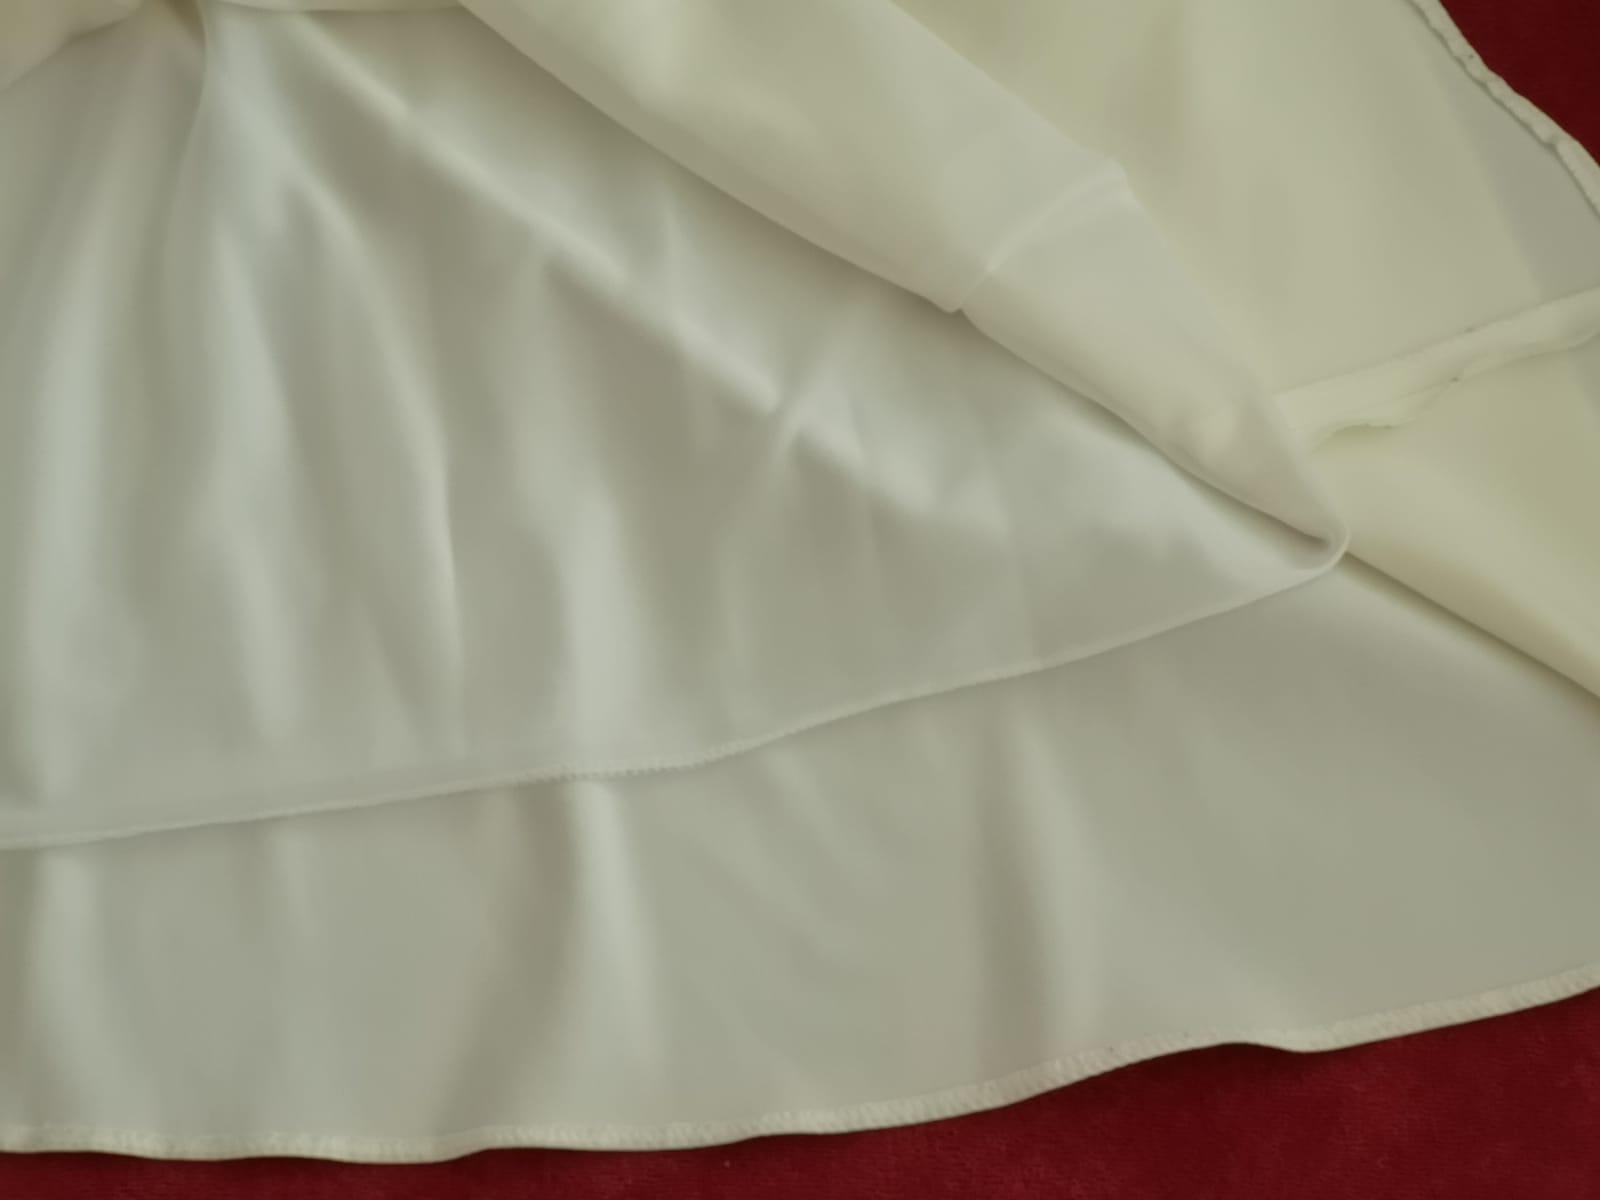 Šaty EL vel. 36 - Obrázek č. 2